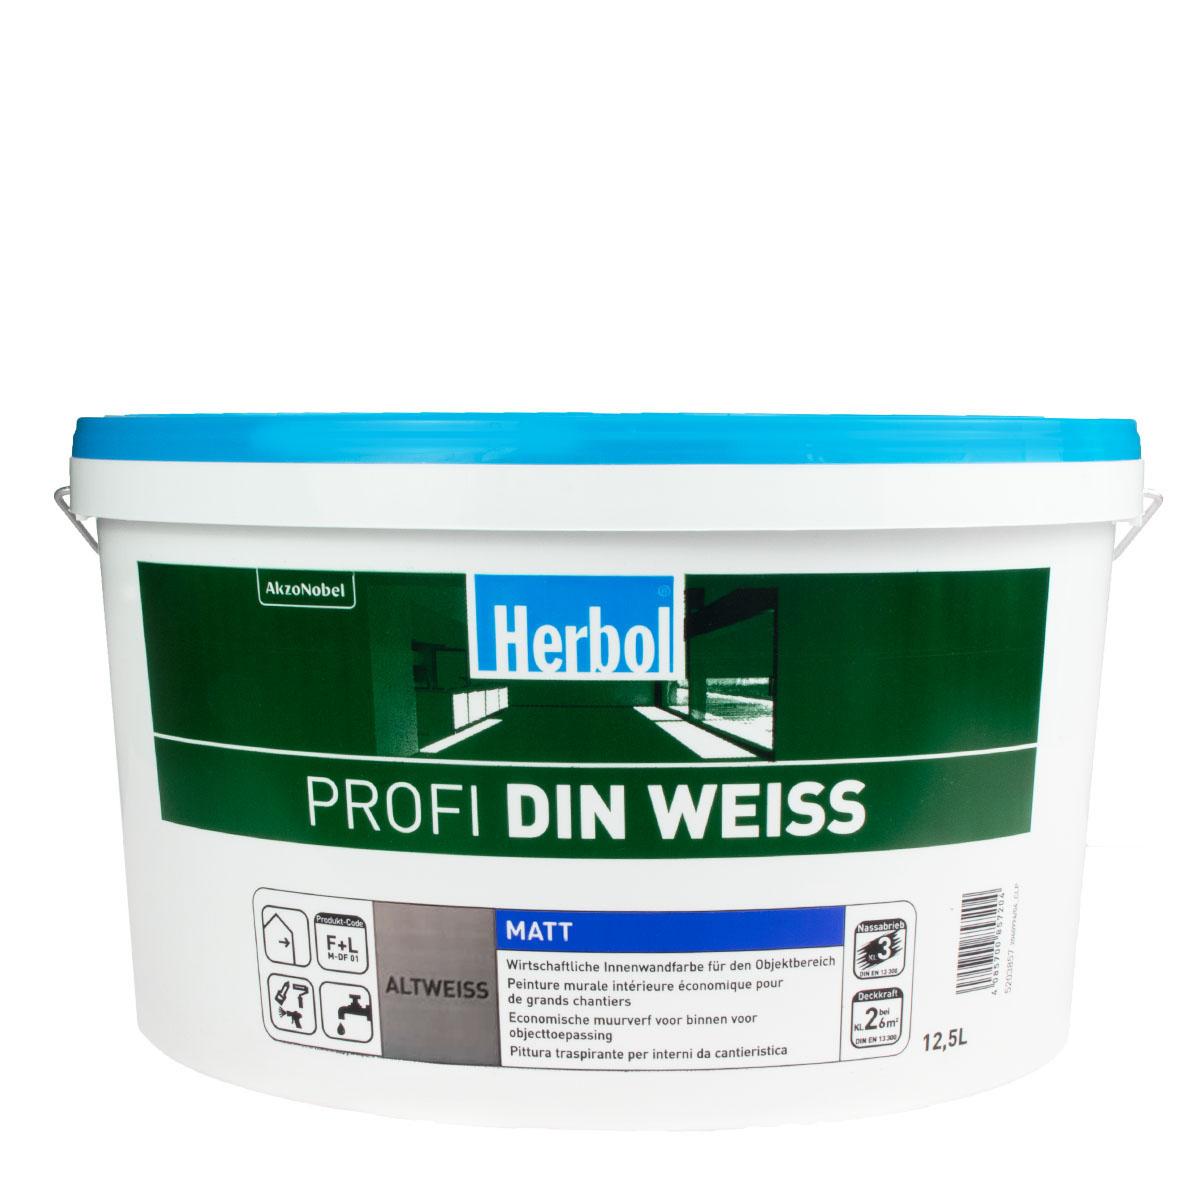 Herbol Profi DIN 12,5L Altweiss, Innenfarbe